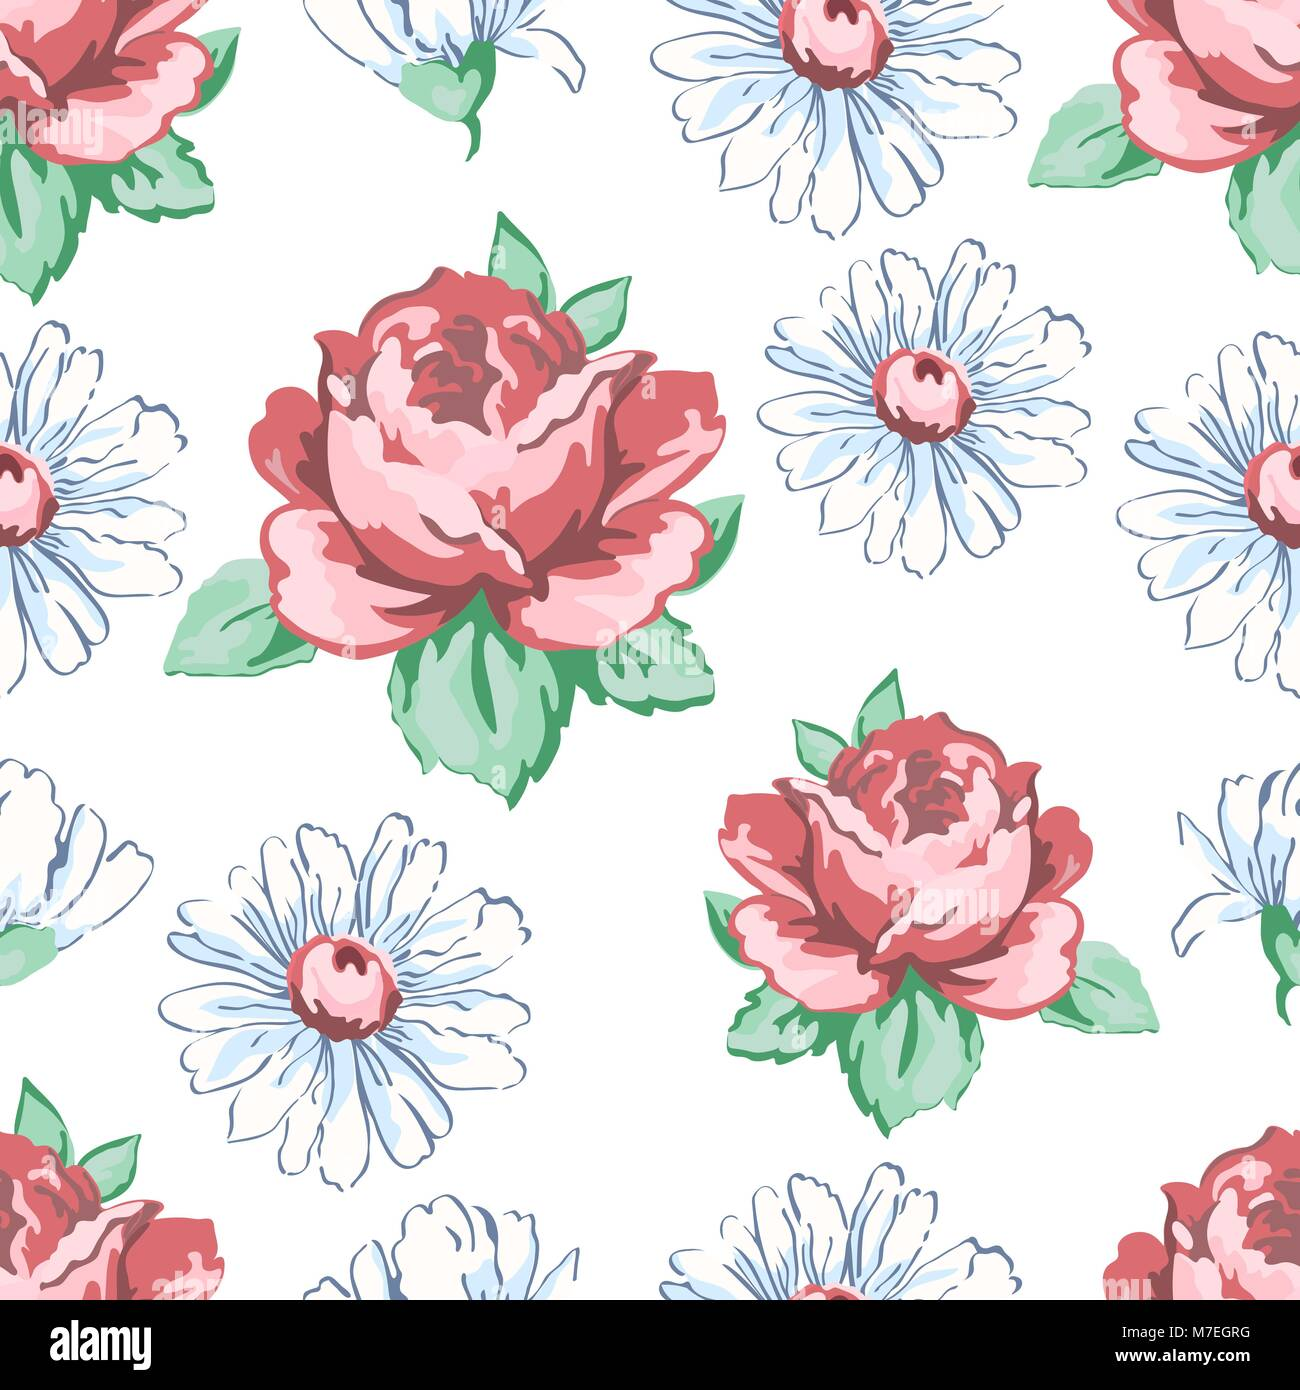 Rosas y flores de manzanilla, dibujo a mano alzada, sin fisuras ...